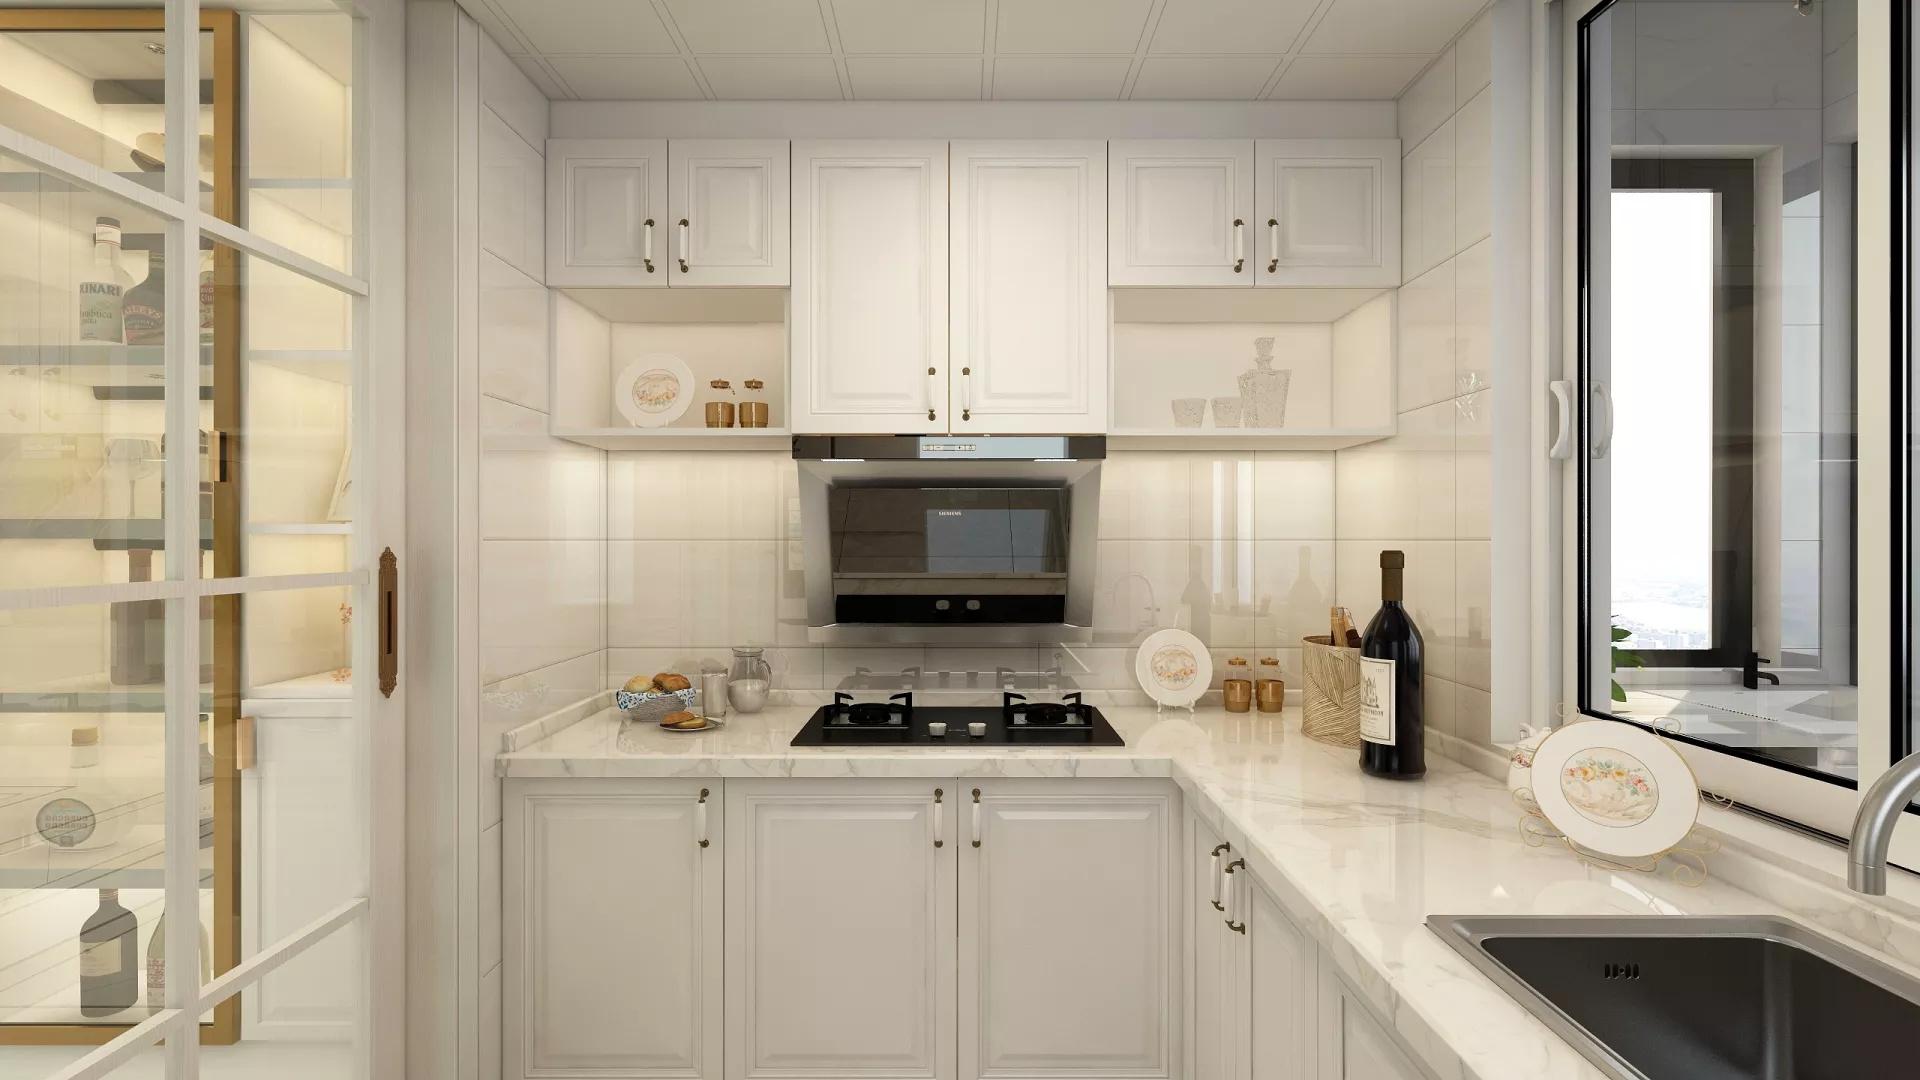 厨房橱柜要怎么设计 厨房橱柜布局方法